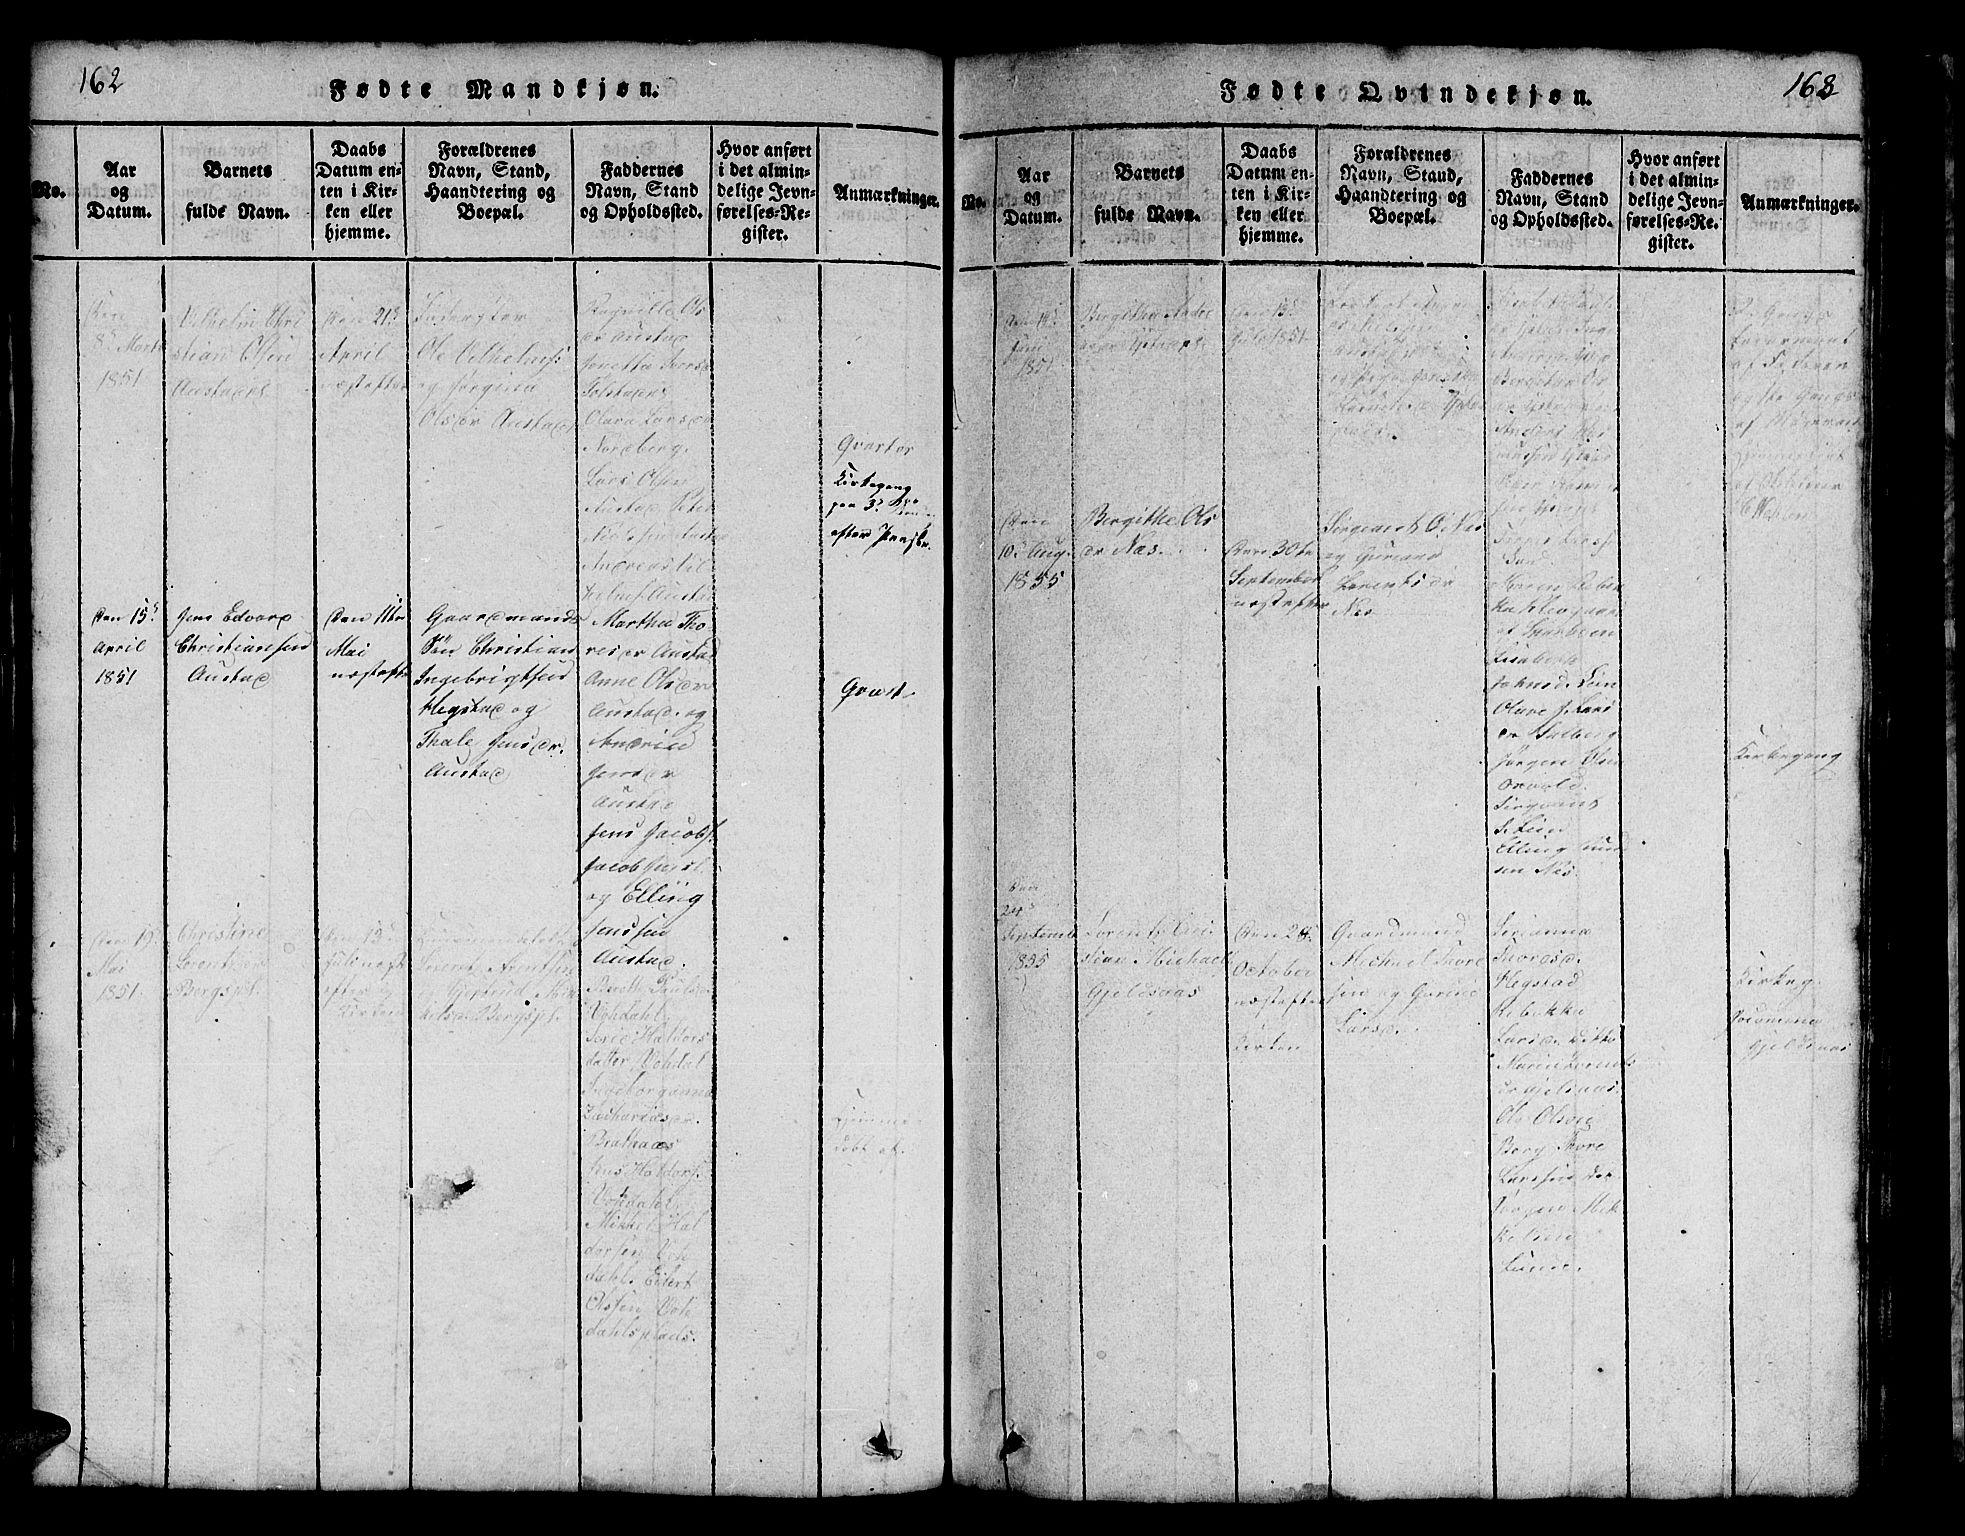 SAT, Ministerialprotokoller, klokkerbøker og fødselsregistre - Nord-Trøndelag, 731/L0310: Klokkerbok nr. 731C01, 1816-1874, s. 162-163